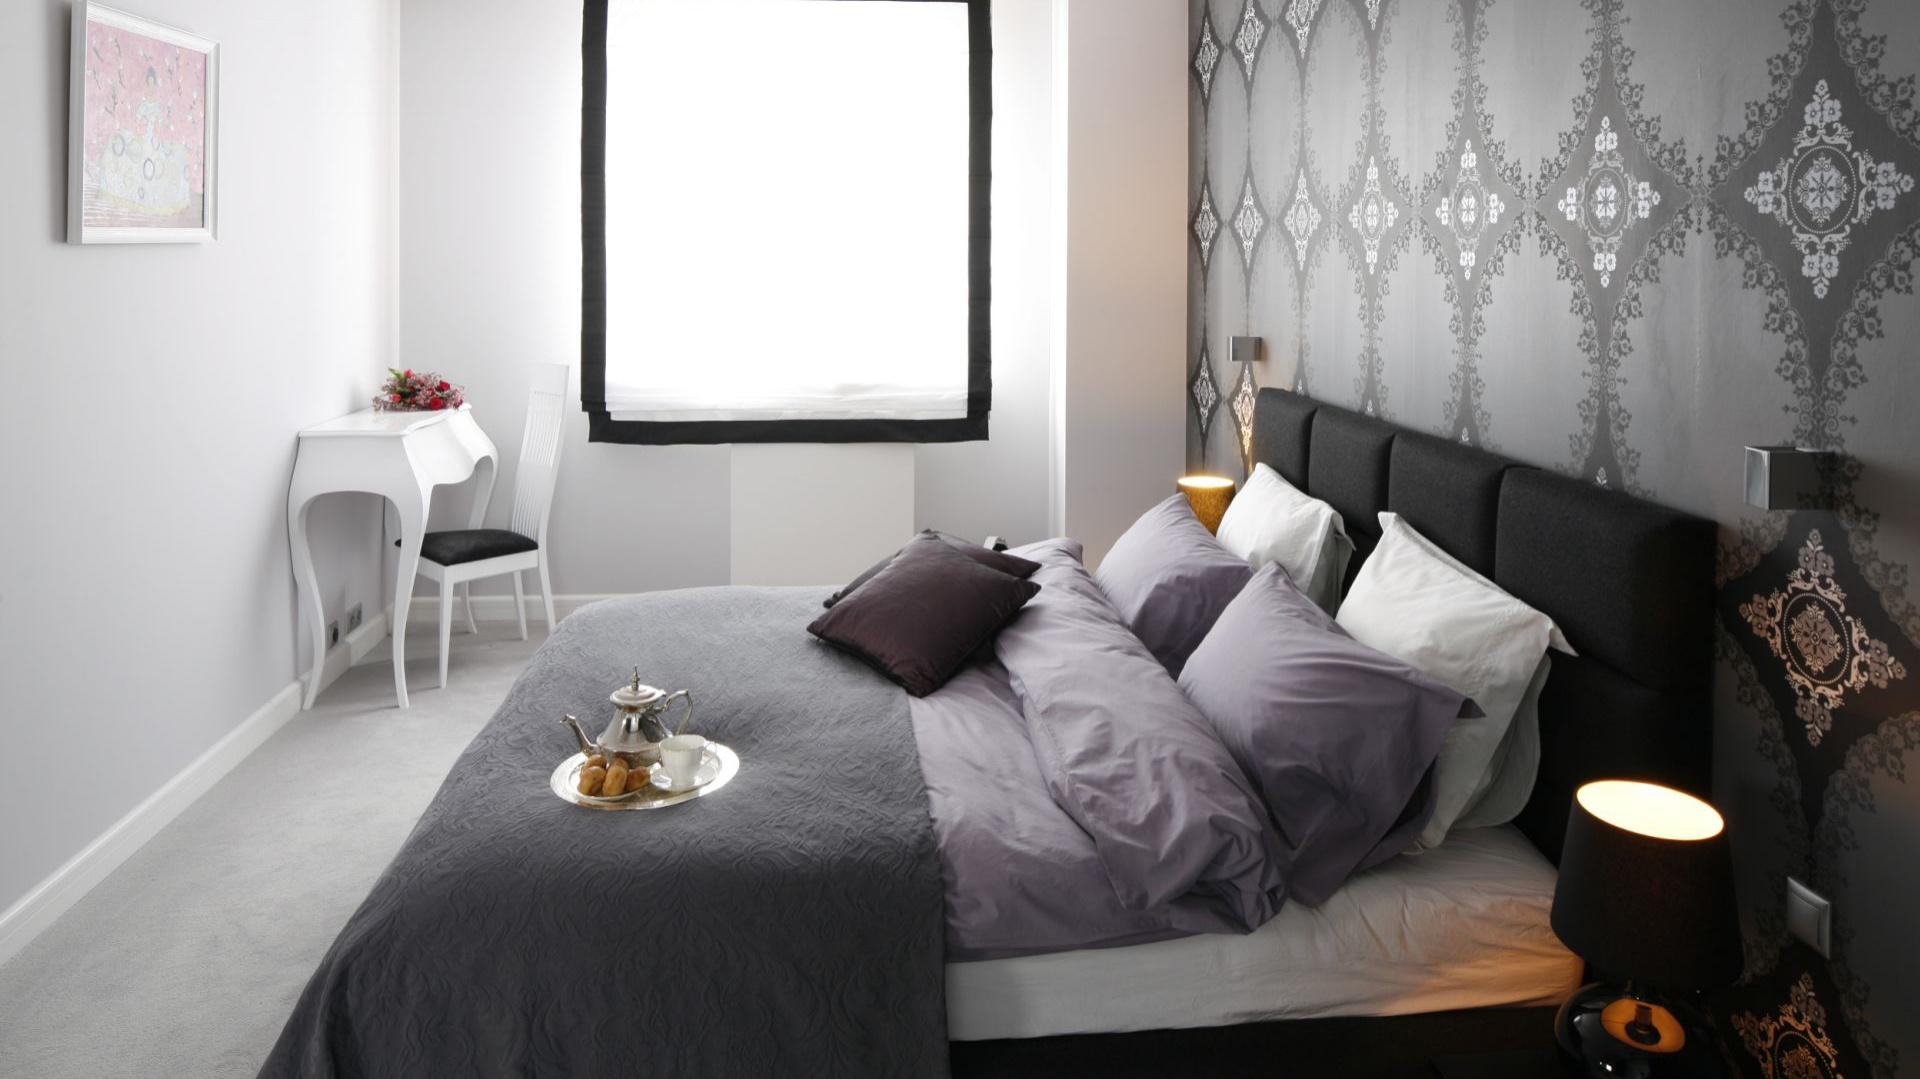 Do jasnej sypialni możemy z łatwością wprowadzić mocniejszy akcent. Tapeta z ornamentem na ścianie za łóżkiem będzie z pewnością się ciekawie prezentowała. Projekt: Magdalena Smyk Fot. Bartosz Jarosz.